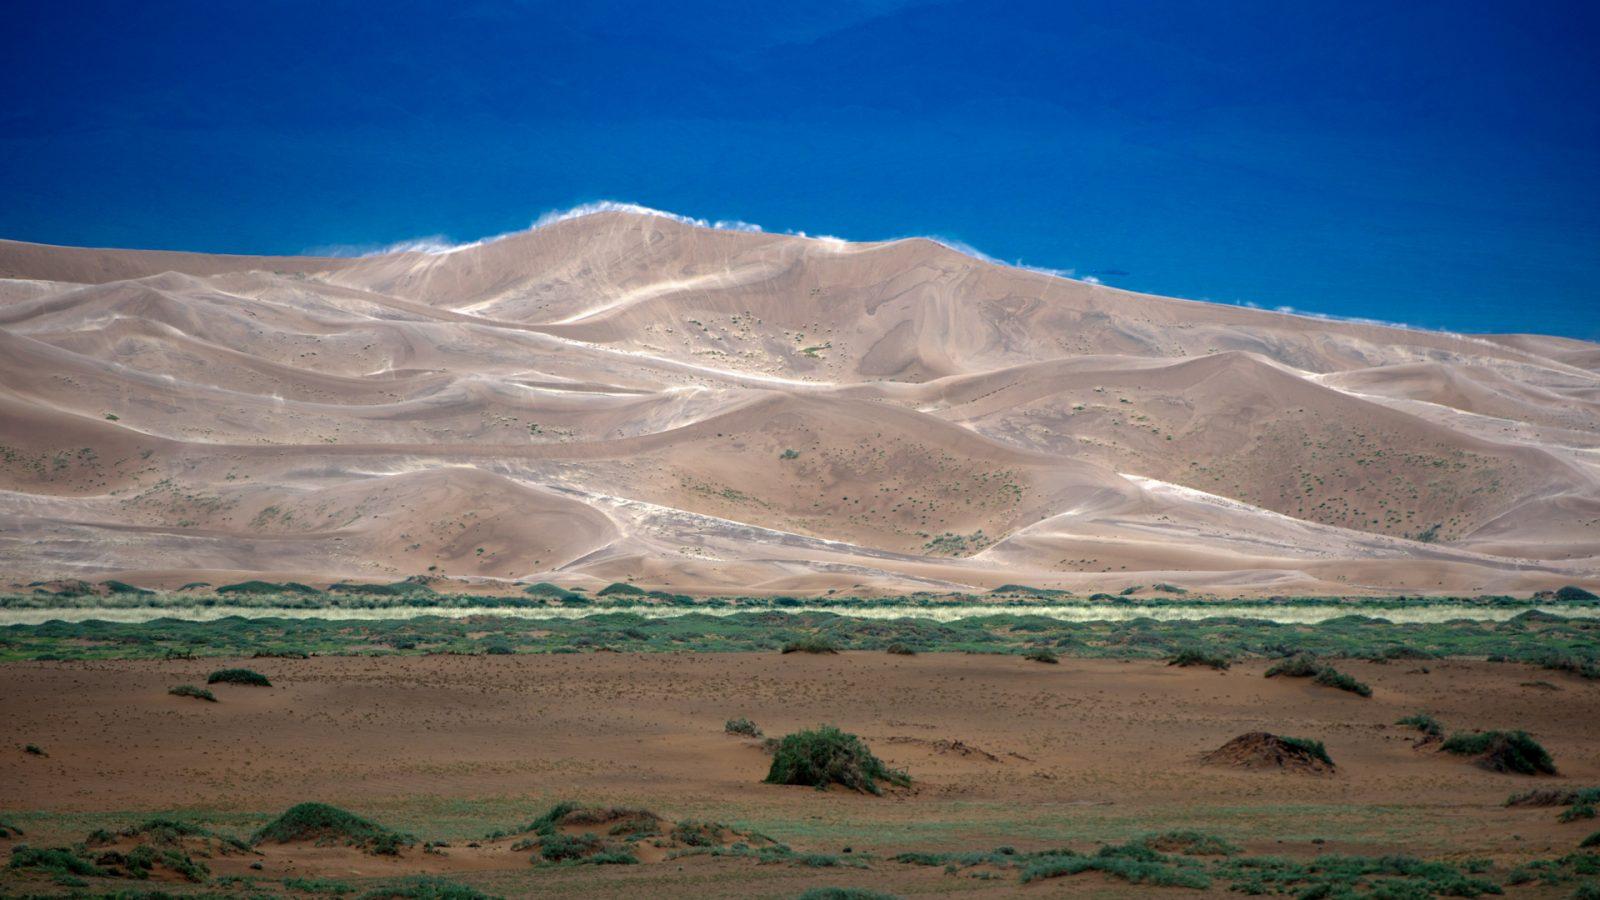 Wüste brachte uns zusammen